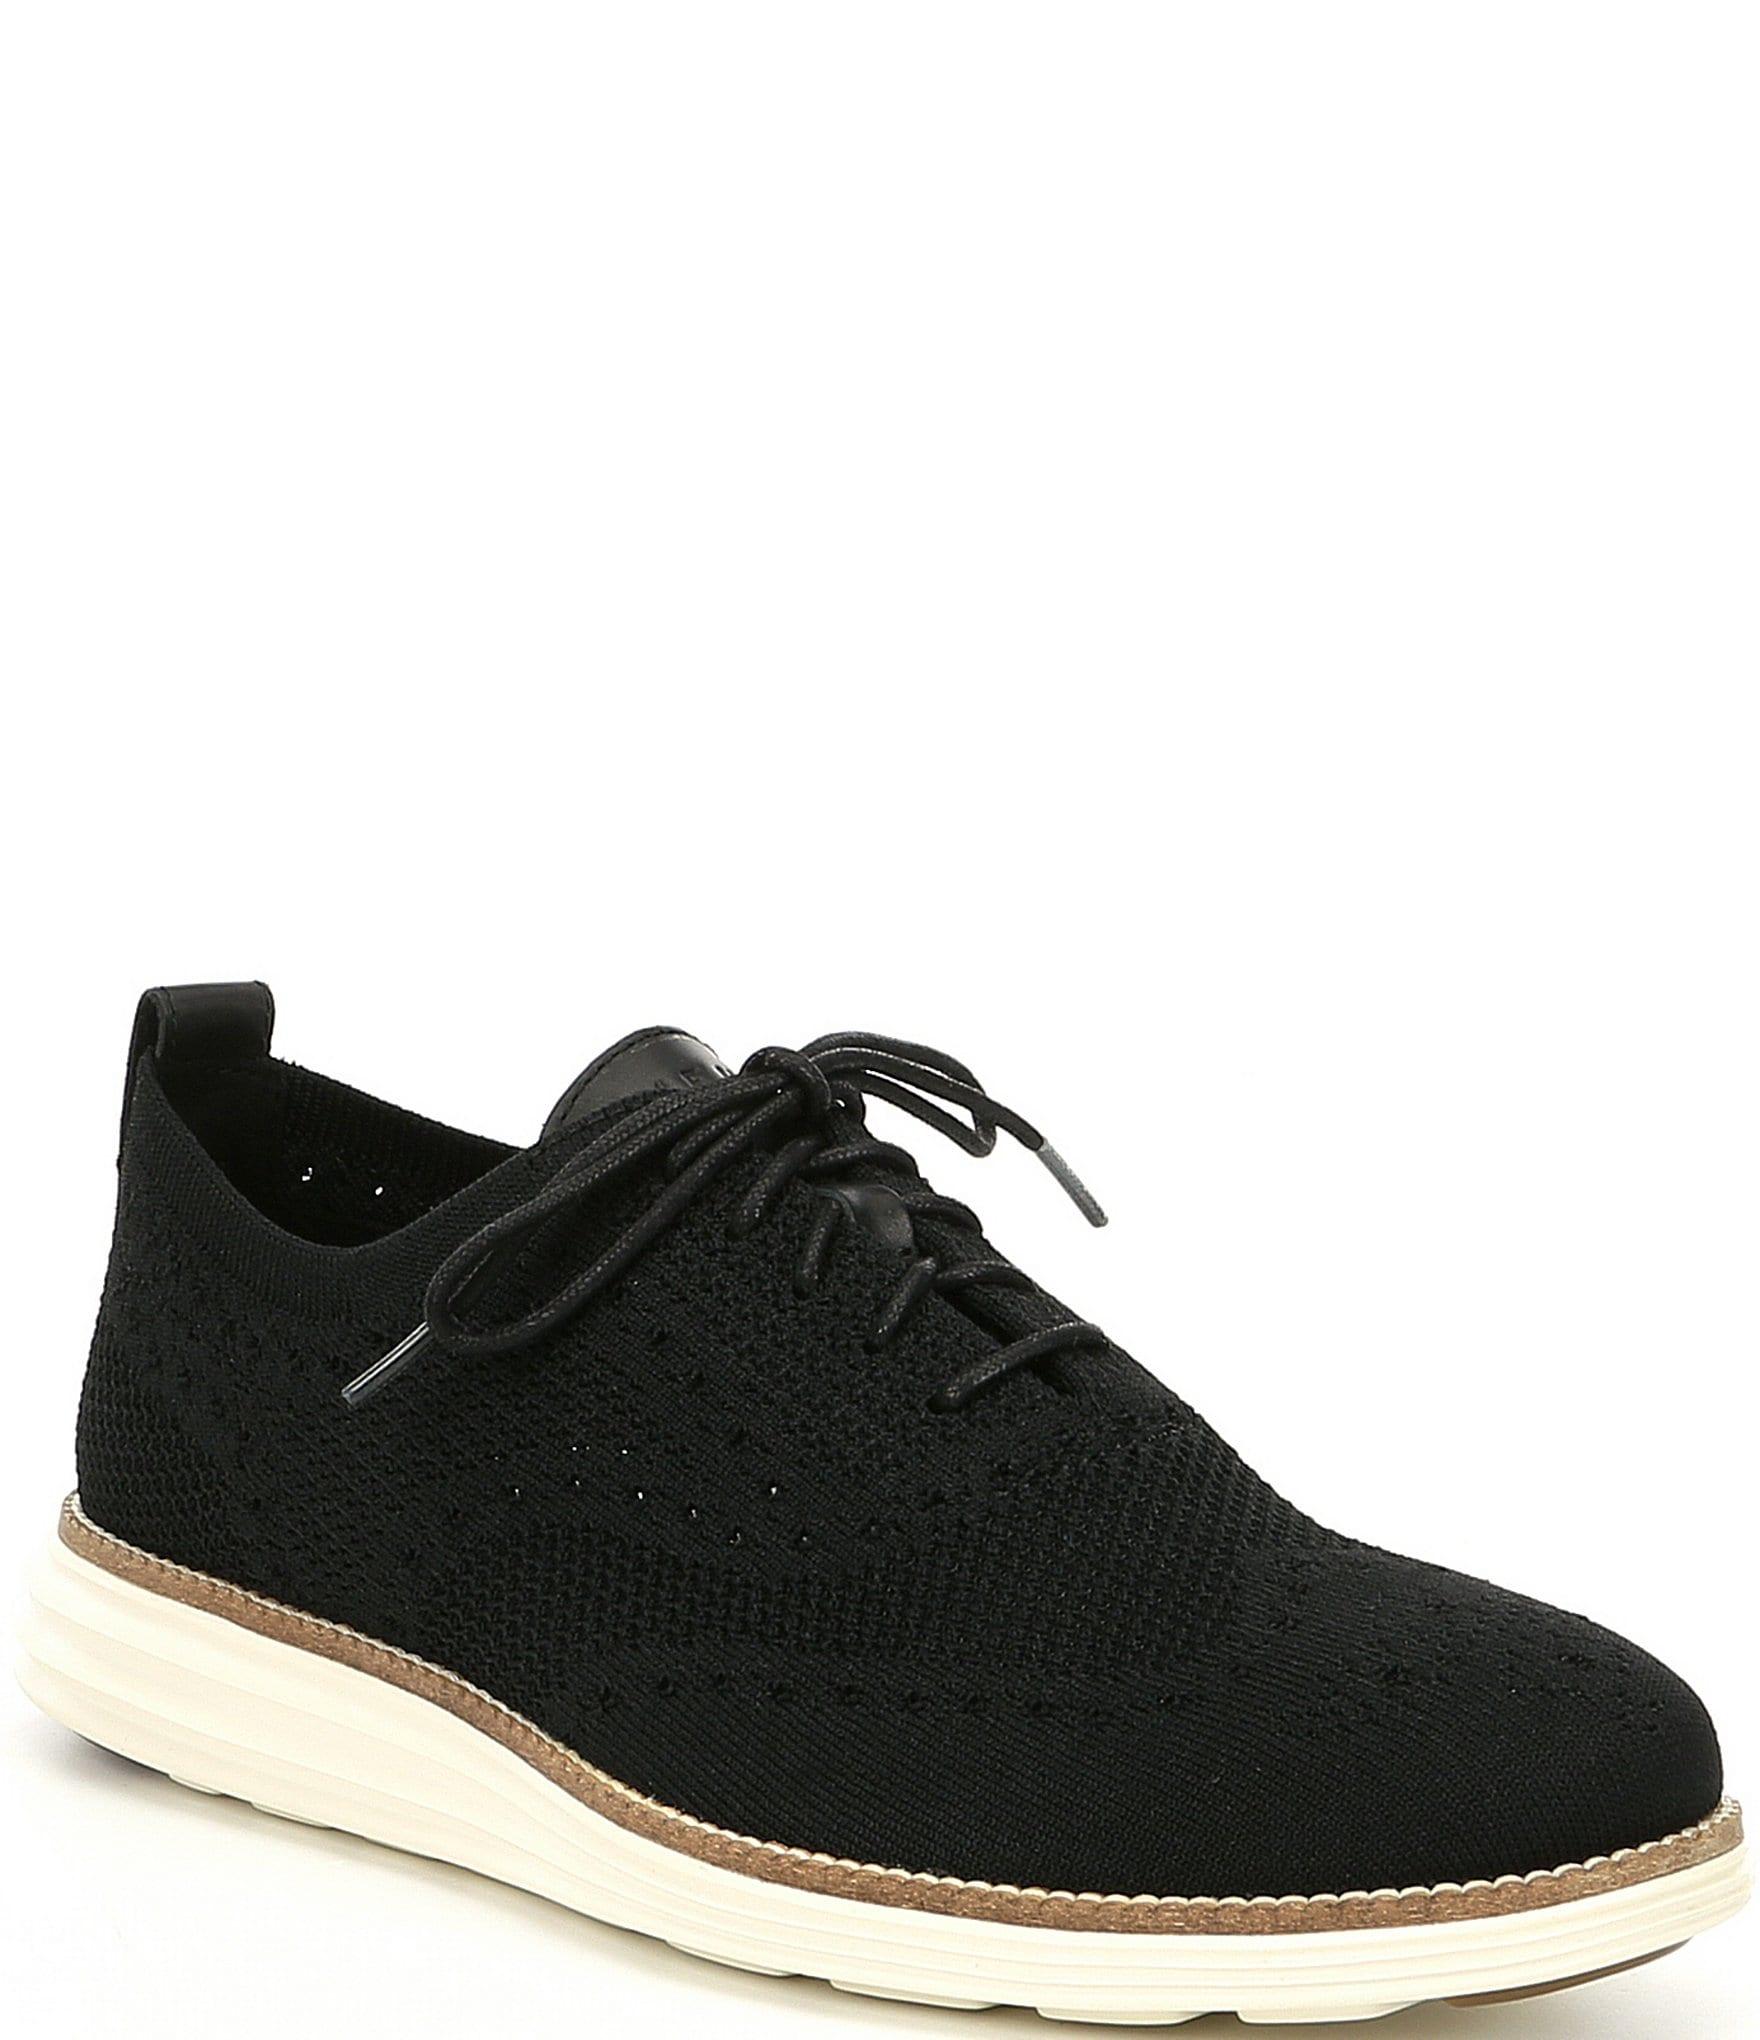 6ff88878ef3 Men's Shoes | Dillard's